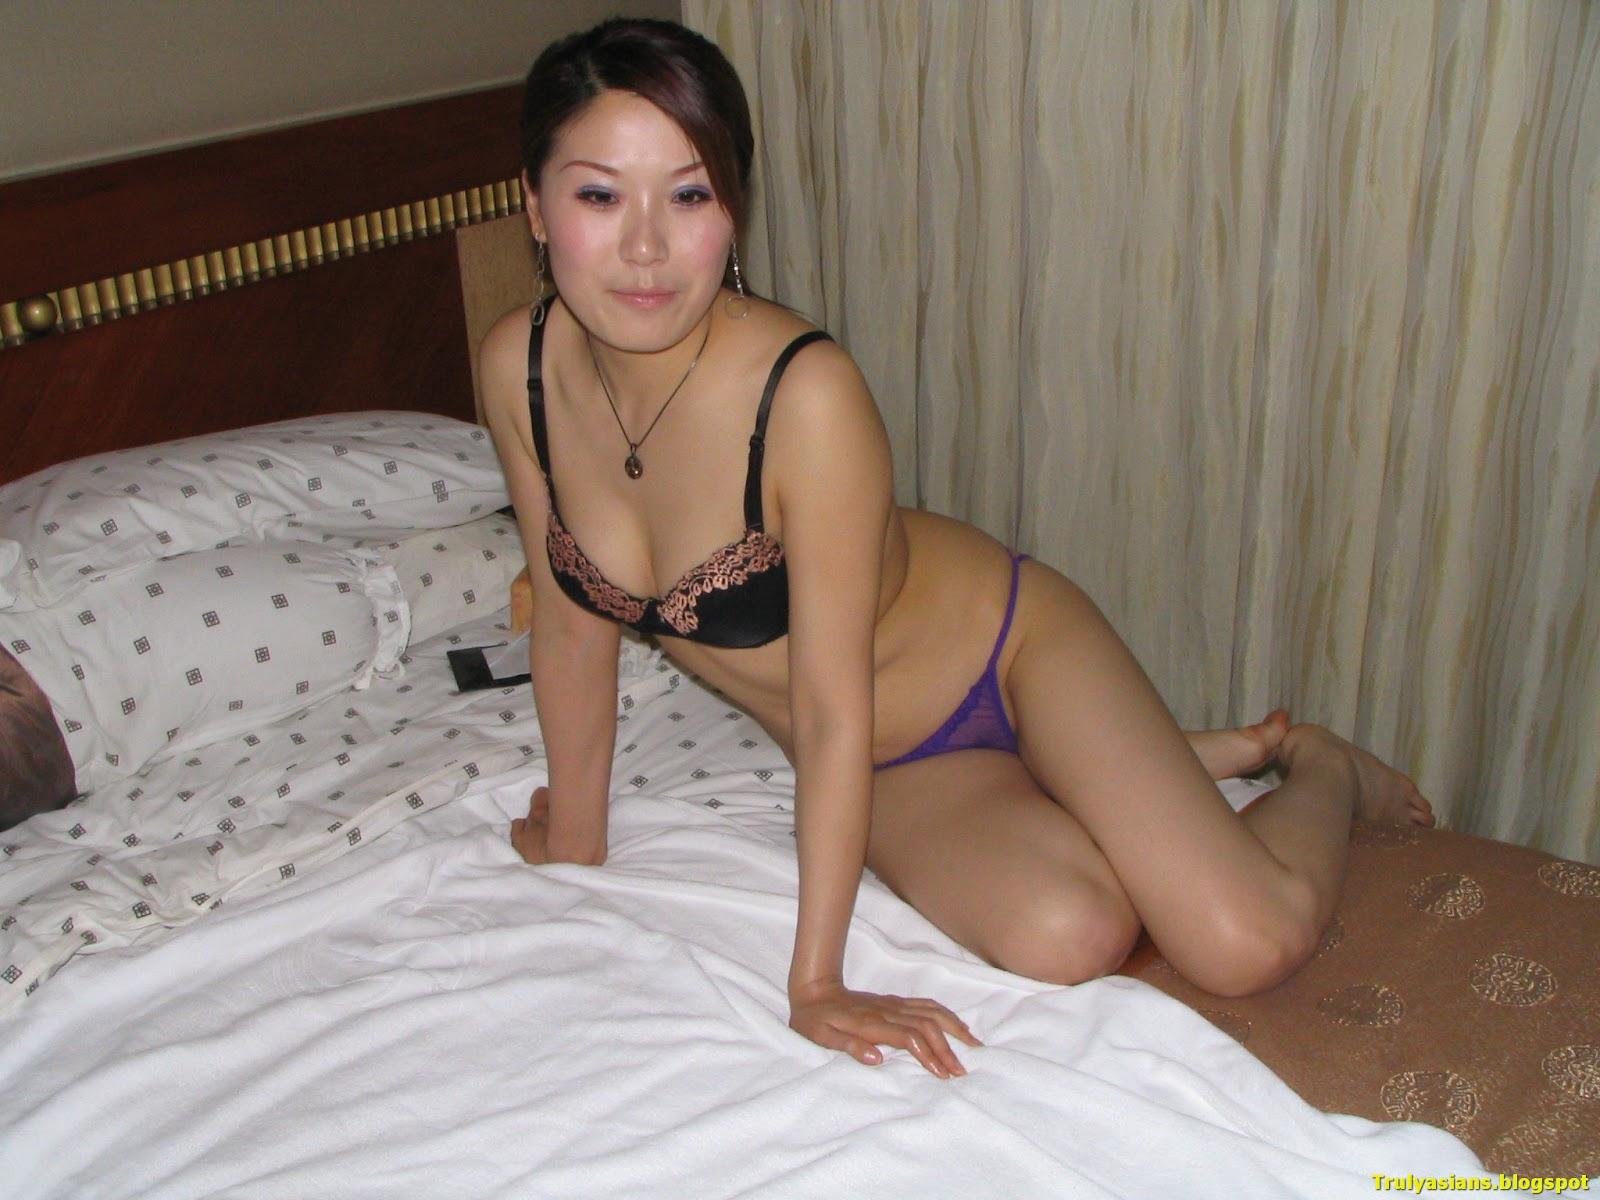 Online porn star murder